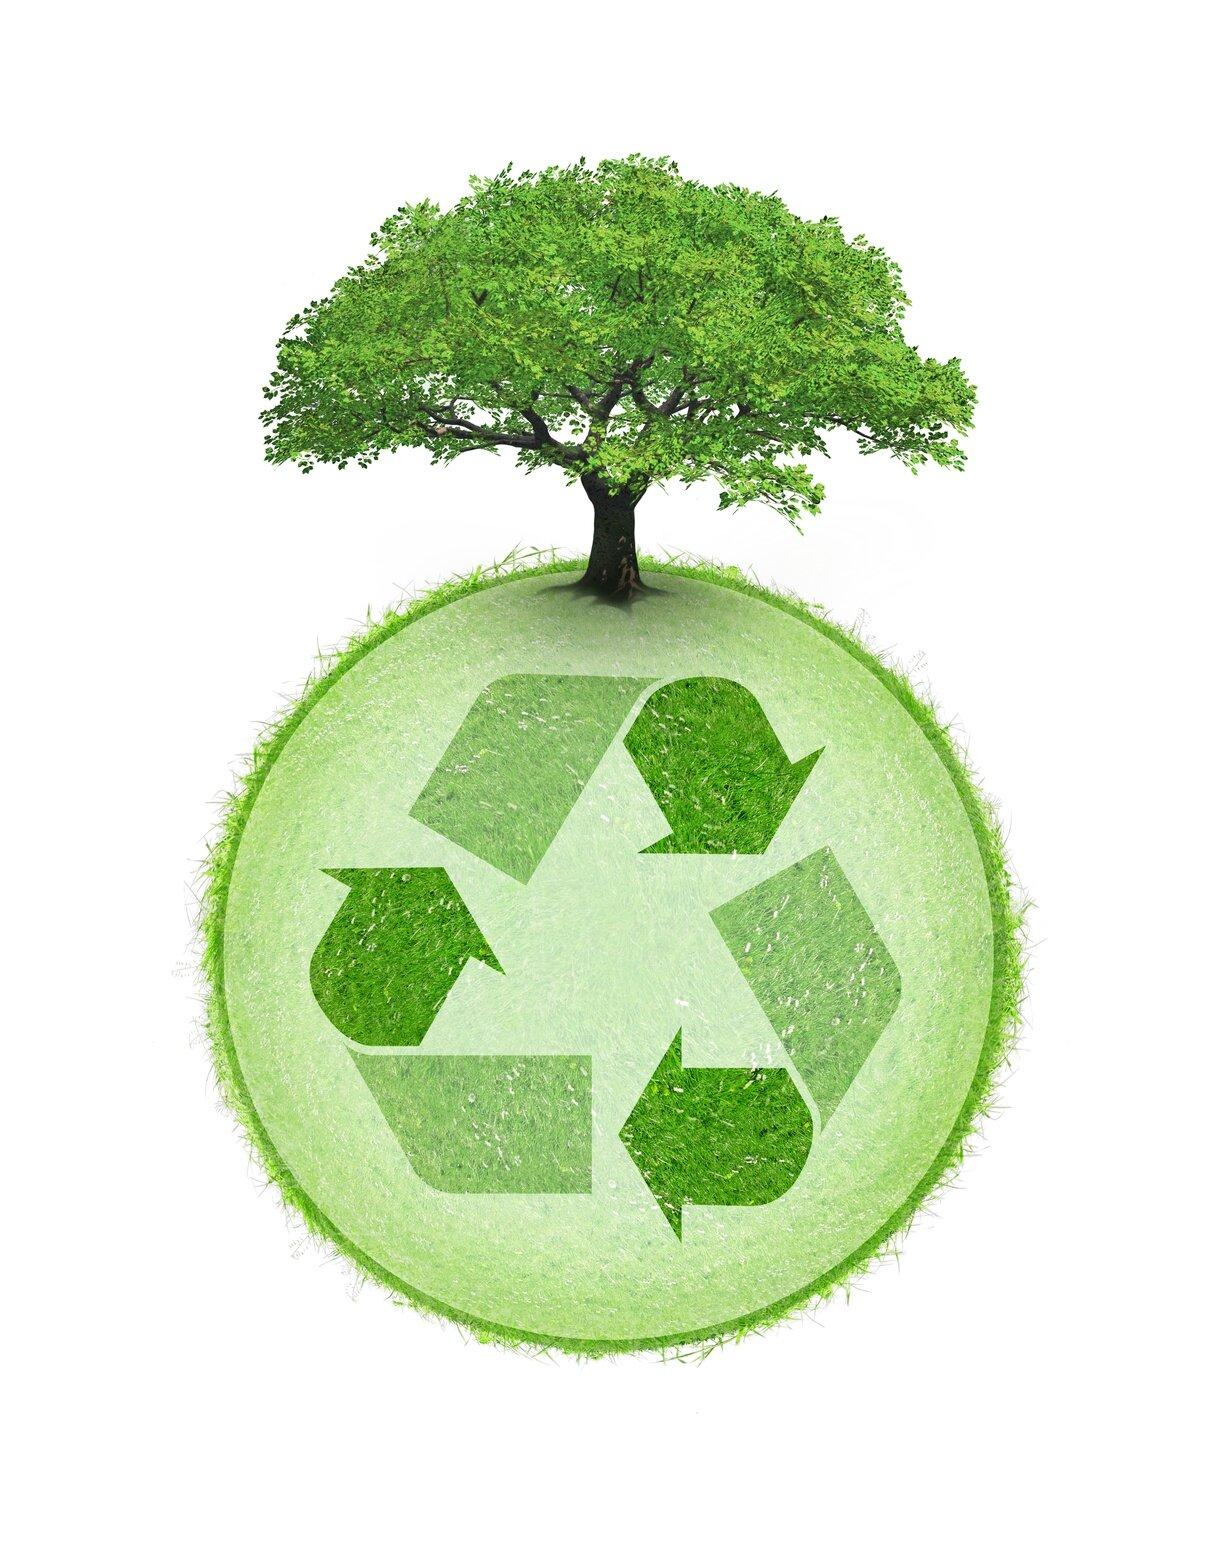 Vous avez dit : Récup, Recyclage !!!